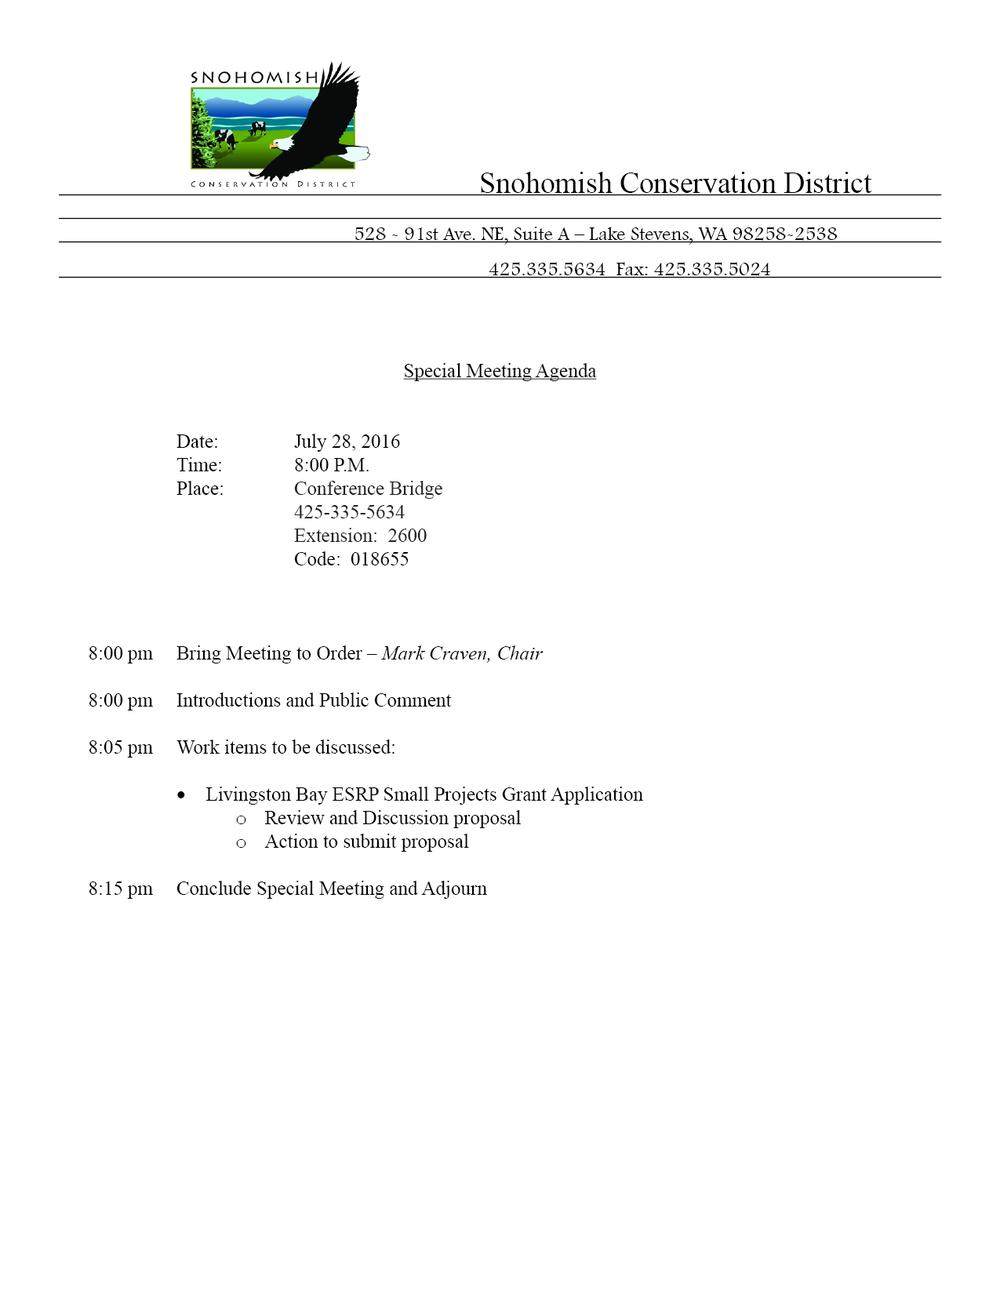 Special Meeting Agenda 01-25-16.jpg